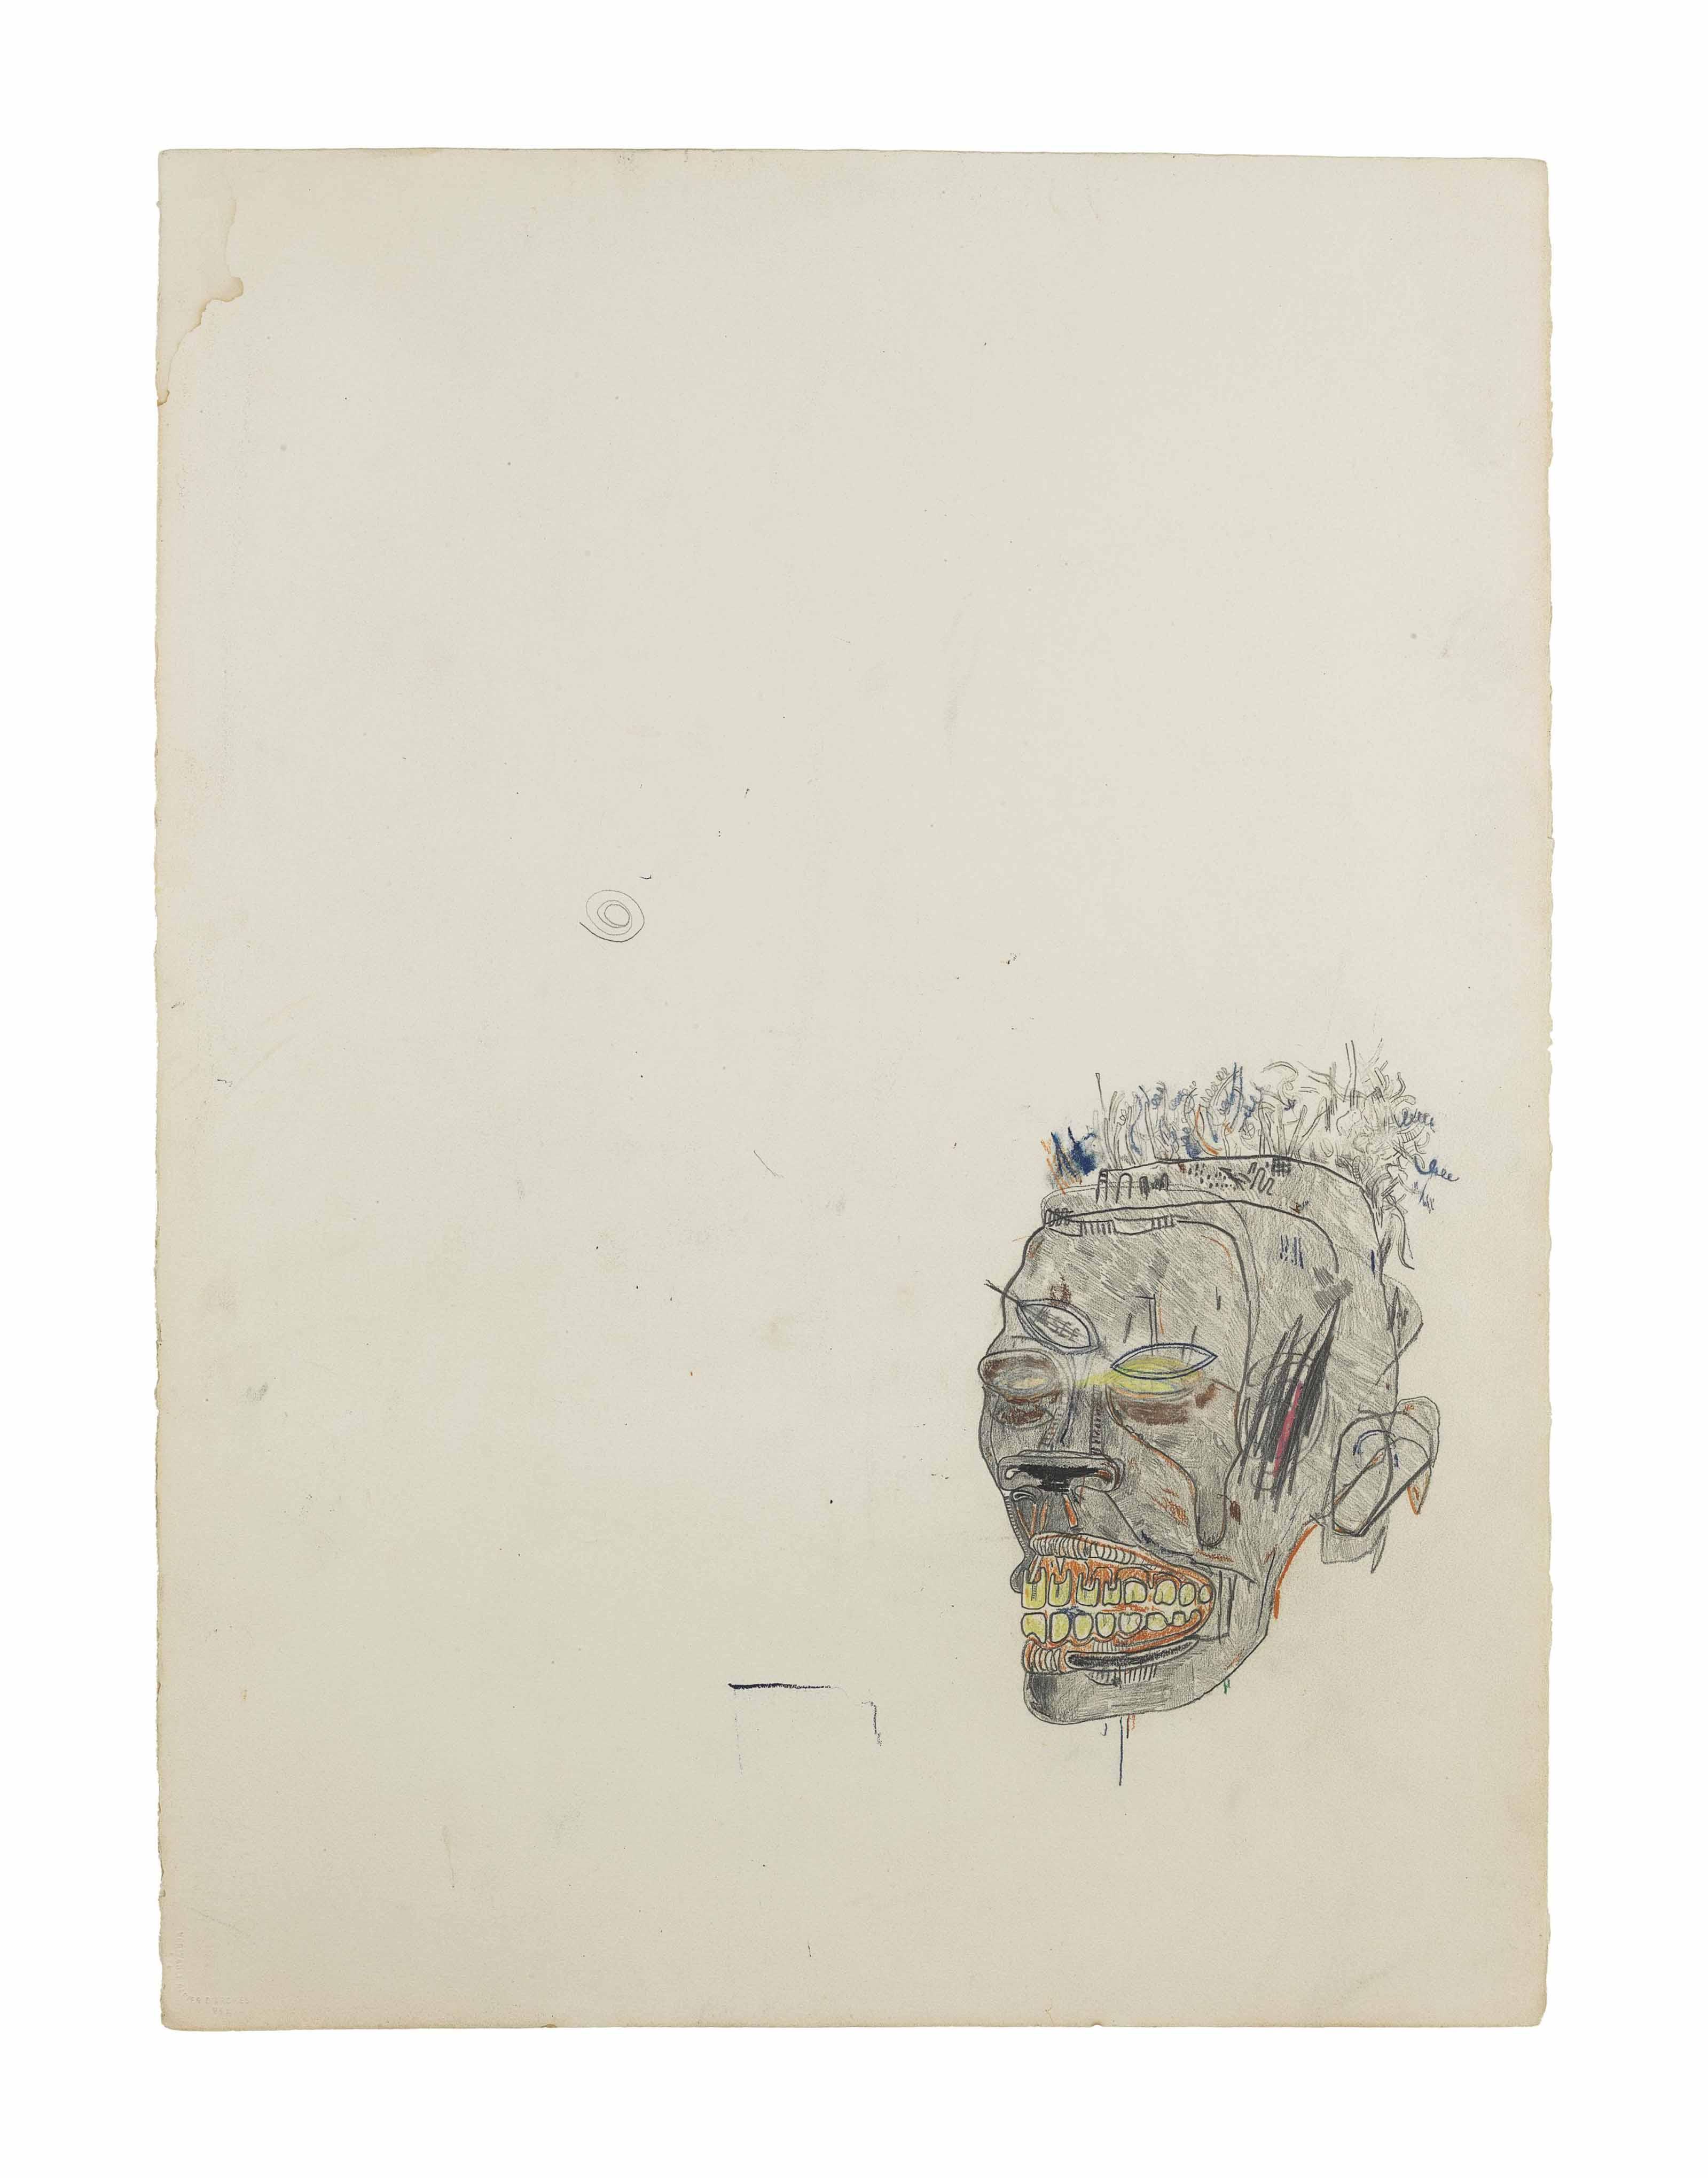 Audio: Basquiat, untitled: head